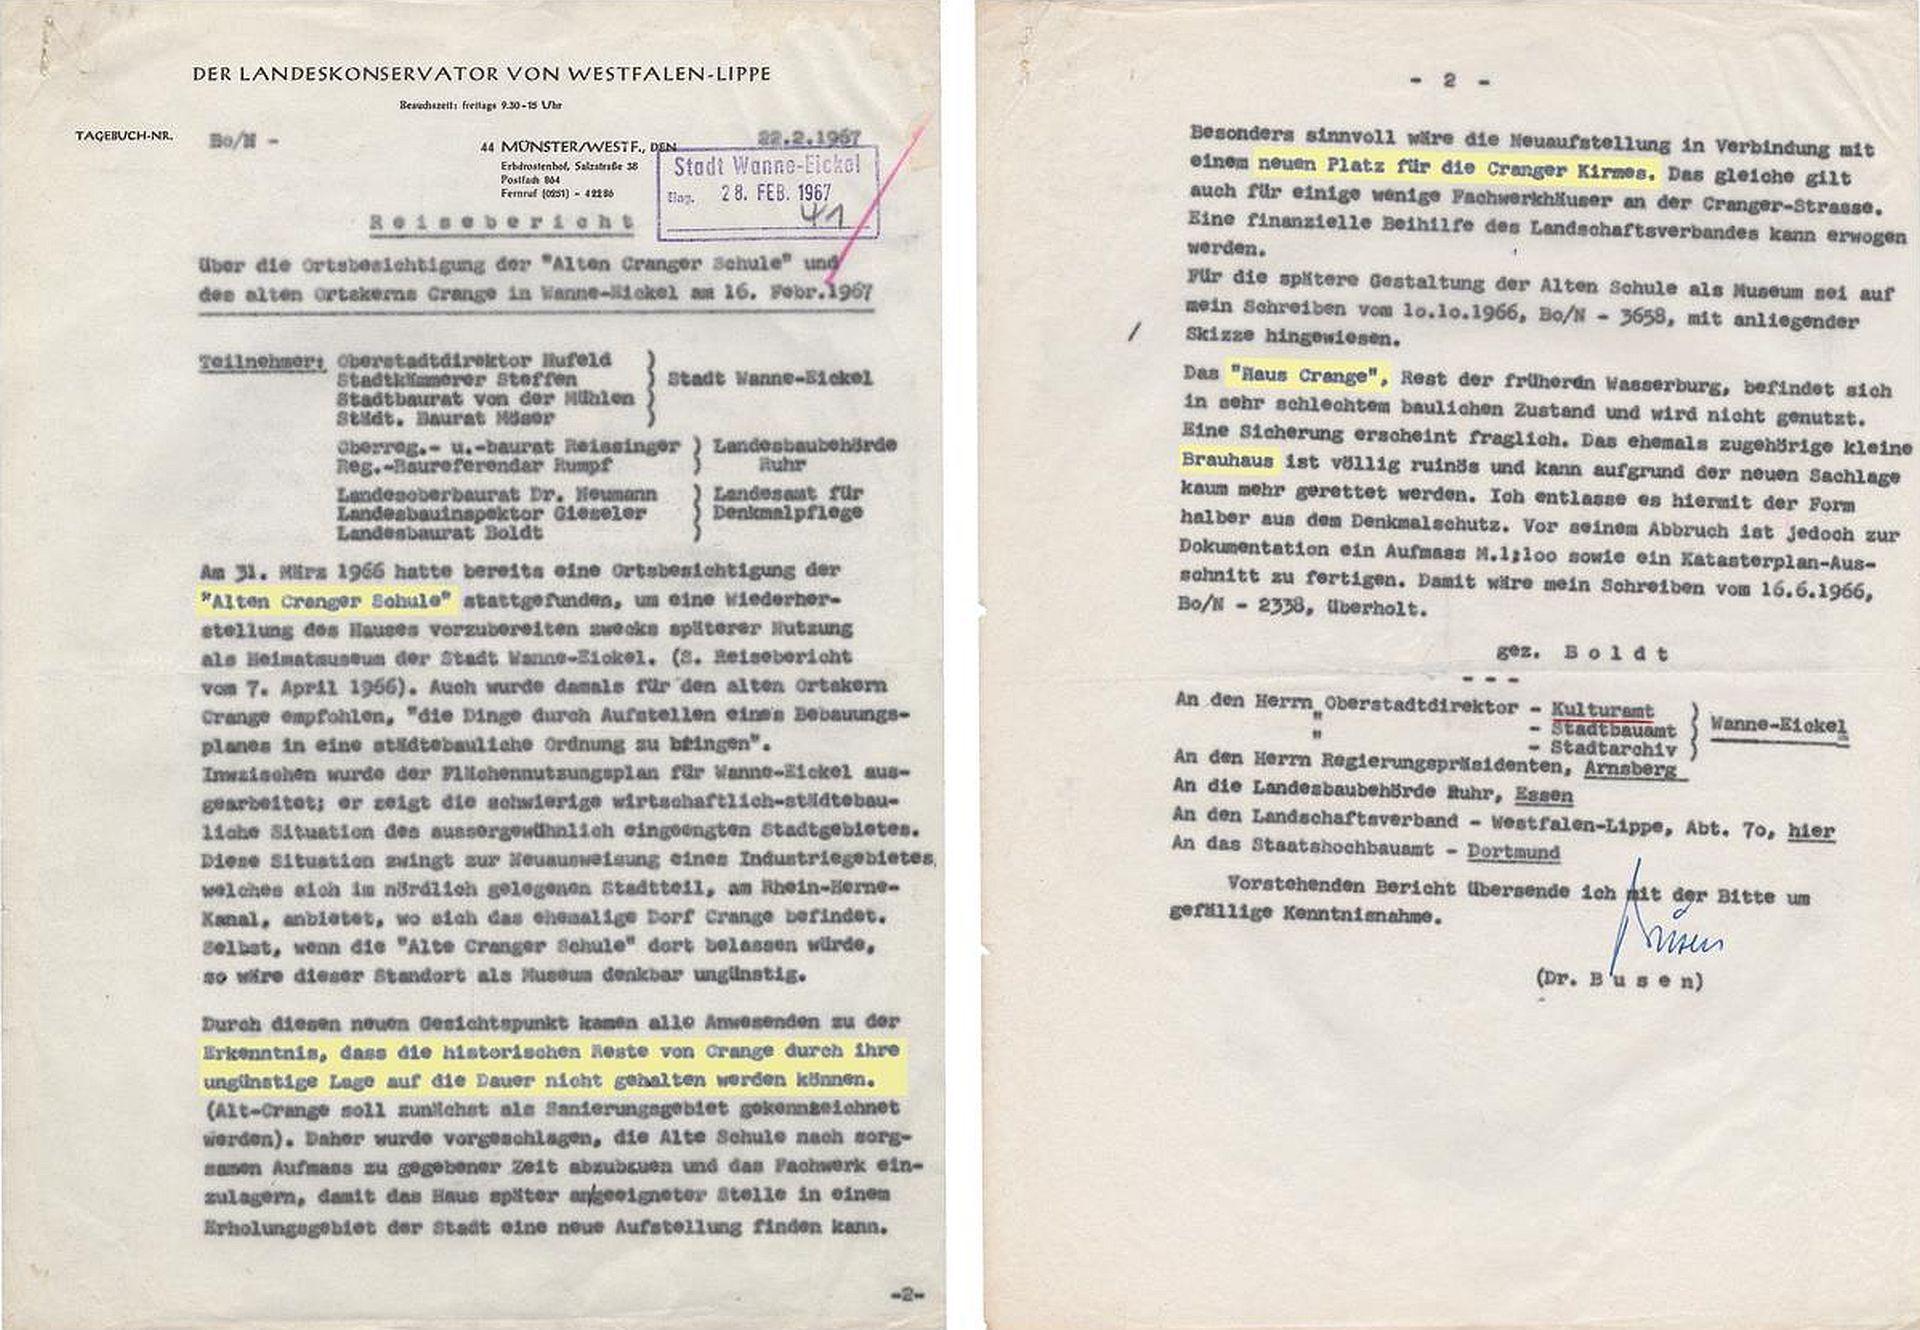 Bericht des  Landeskonservators über  von Westfalen-Lippe über Alt-Crange, 22.02.1967.jpg